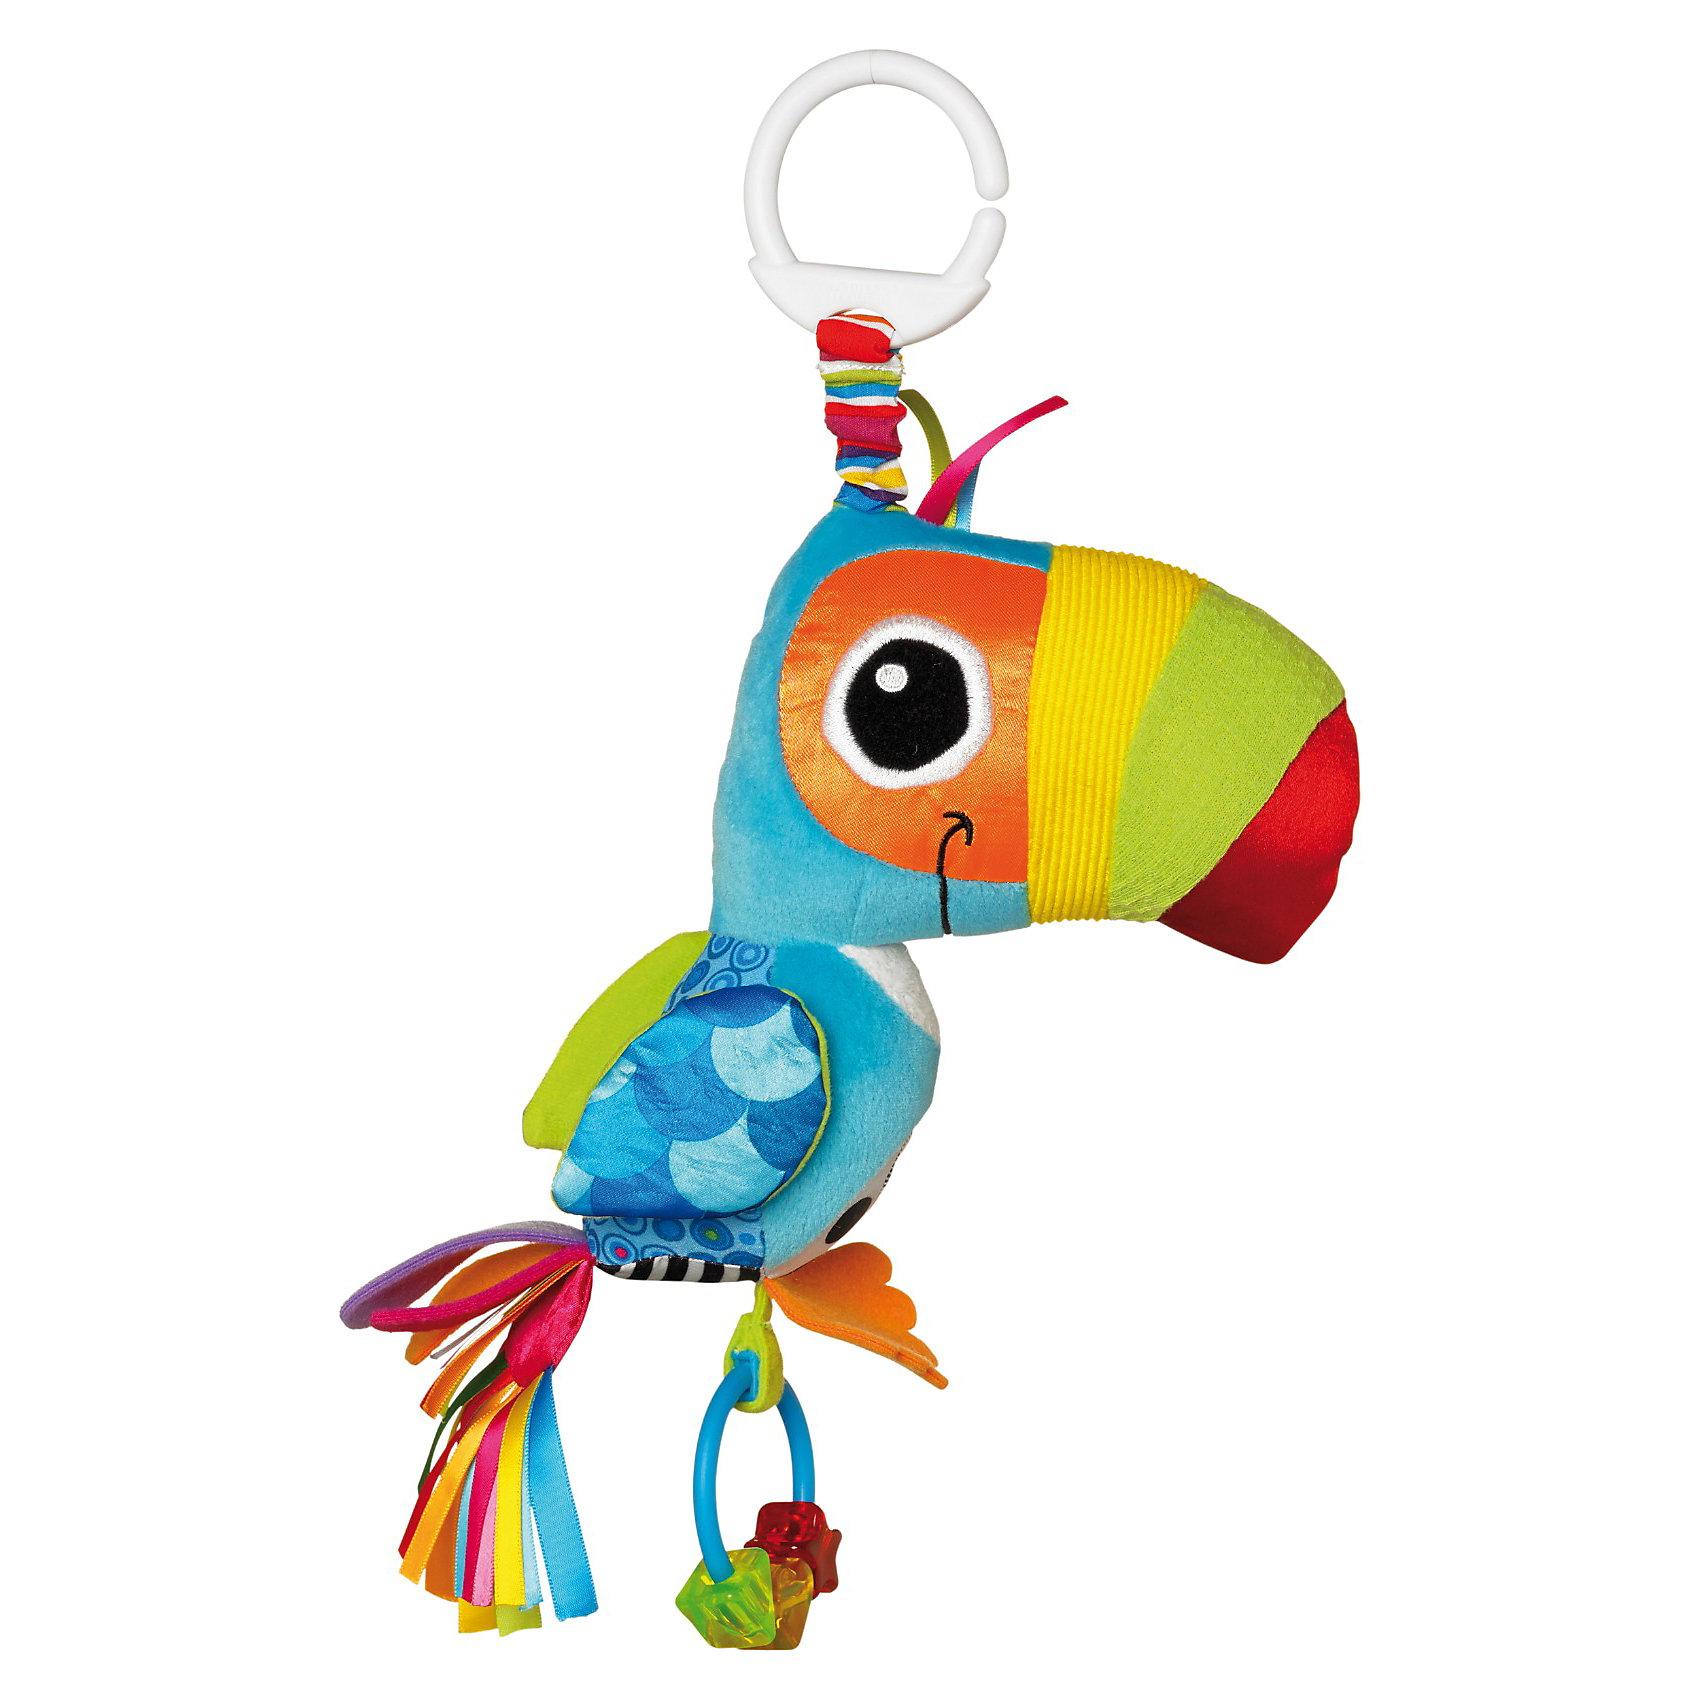 Игрушка Веселый Тукан, LamazeИгрушка Веселый Тукан, Lamaze - замечательная красочная игрушка, которая обязательно привлечет внимание Вашего малыша. Игрушка выполнена в виде симпатичной нарядной птички с хвостом из ярких атласных лент, легко крепится к детской кроватке, коляске или автокреслу. У игрушки множество разноцветных деталей из мягких материалов различной фактуры, что способствует развитию тактильного и цветового восприятия, тренирует мелкую моторику ребенка. При нажатии на клюв птичка пищит, в лапках она держит кольцо-прорезыватель с разноцветными фигурками. При прикосновении игровые элементы издают разнообразные шуршащие звуки. <br><br>Дополнительная информация:<br><br>- Материал: текстиль.<br>- Размер упаковки: 7,62 х 22,9 х 28,3 см.<br>- Вес: 0,11 кг.<br><br>Игрушку Веселый Тукан, Lamaze, можно купить в нашем интернет-магазине.<br><br>Ширина мм: 260<br>Глубина мм: 147<br>Высота мм: 83<br>Вес г: 102<br>Возраст от месяцев: 0<br>Возраст до месяцев: 24<br>Пол: Унисекс<br>Возраст: Детский<br>SKU: 3487477